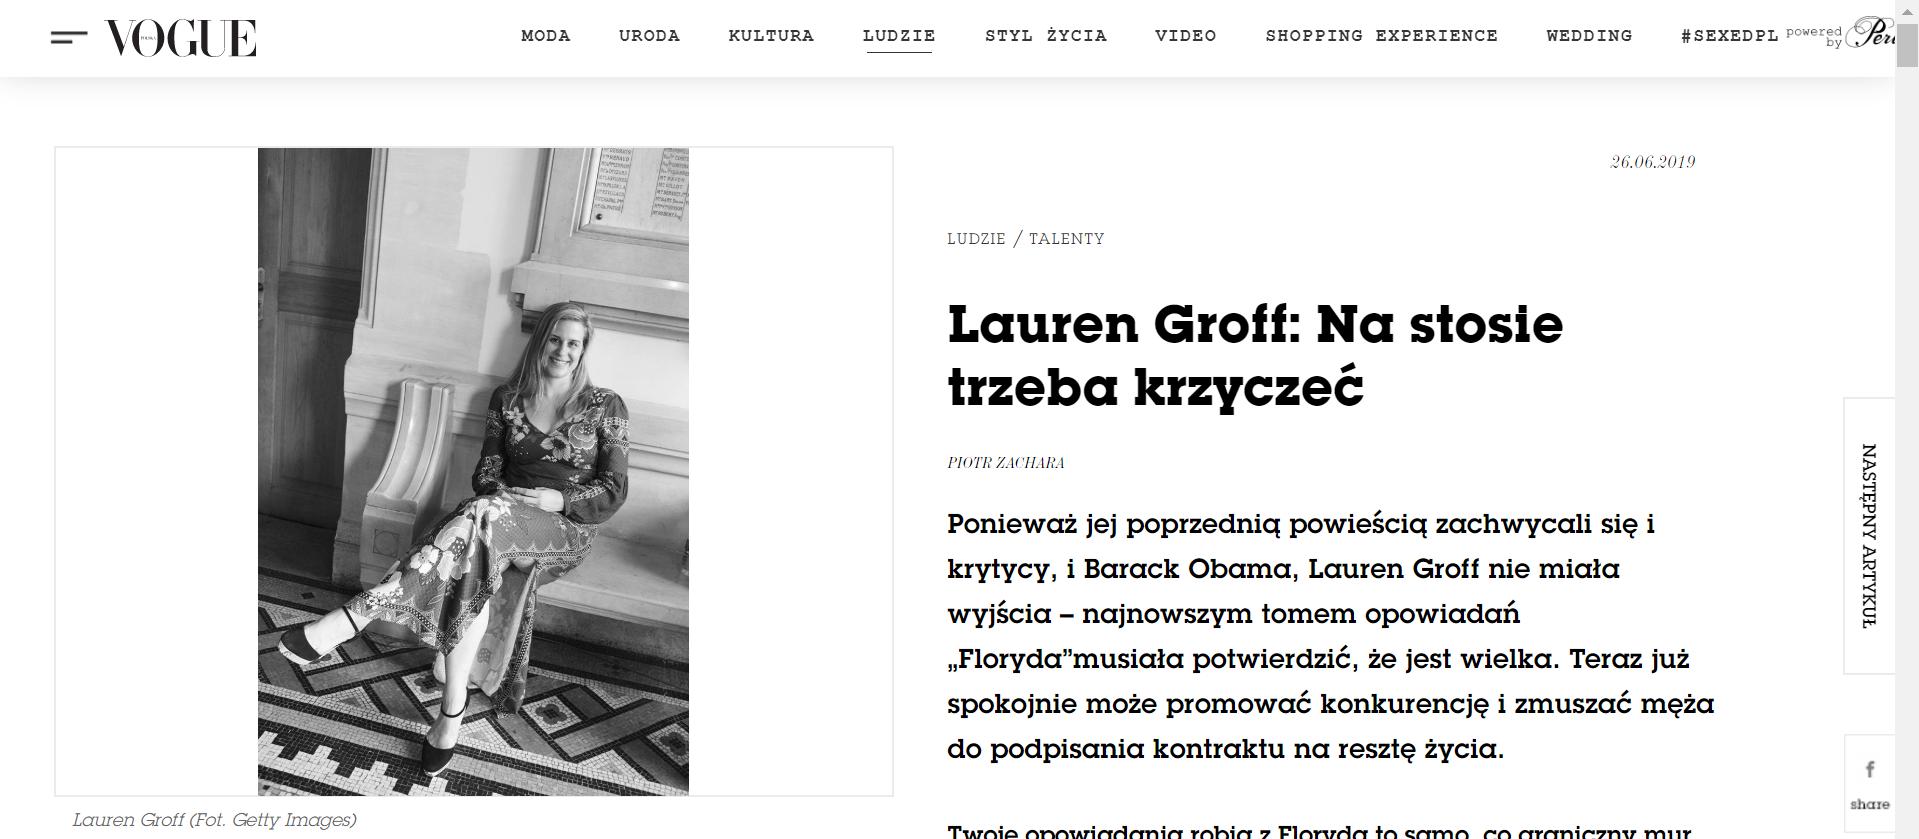 """Wywiad z Lauren Groff dla Vogue PL o """"Floryda"""""""